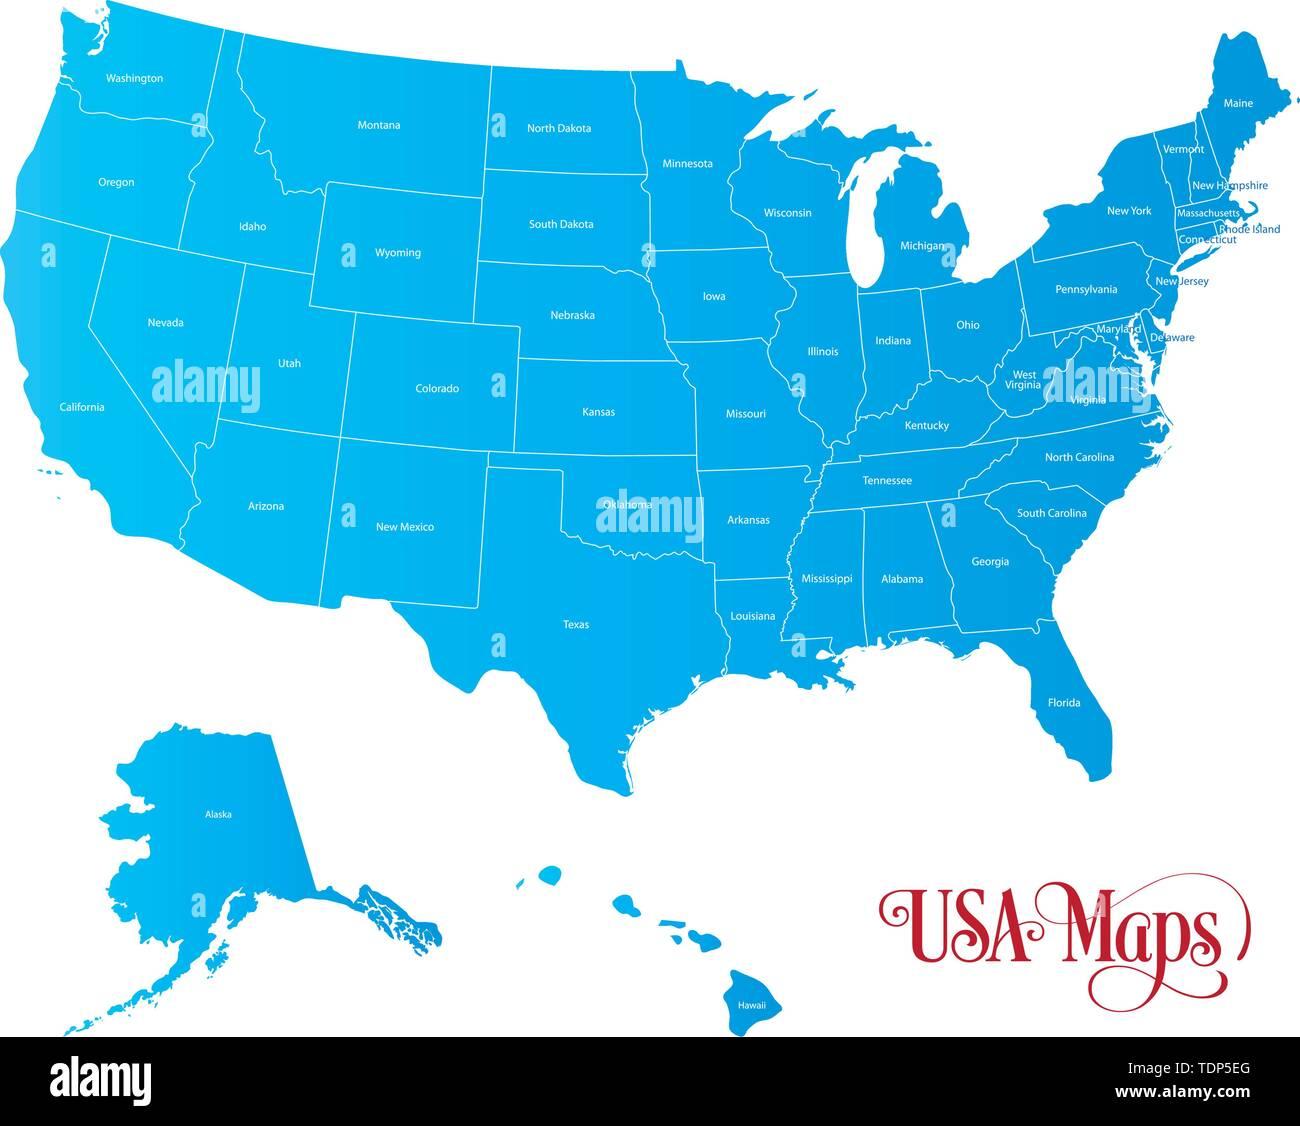 Die Vereinigten Staaten Von Amerika Usa Die Gemeinhin Als Die